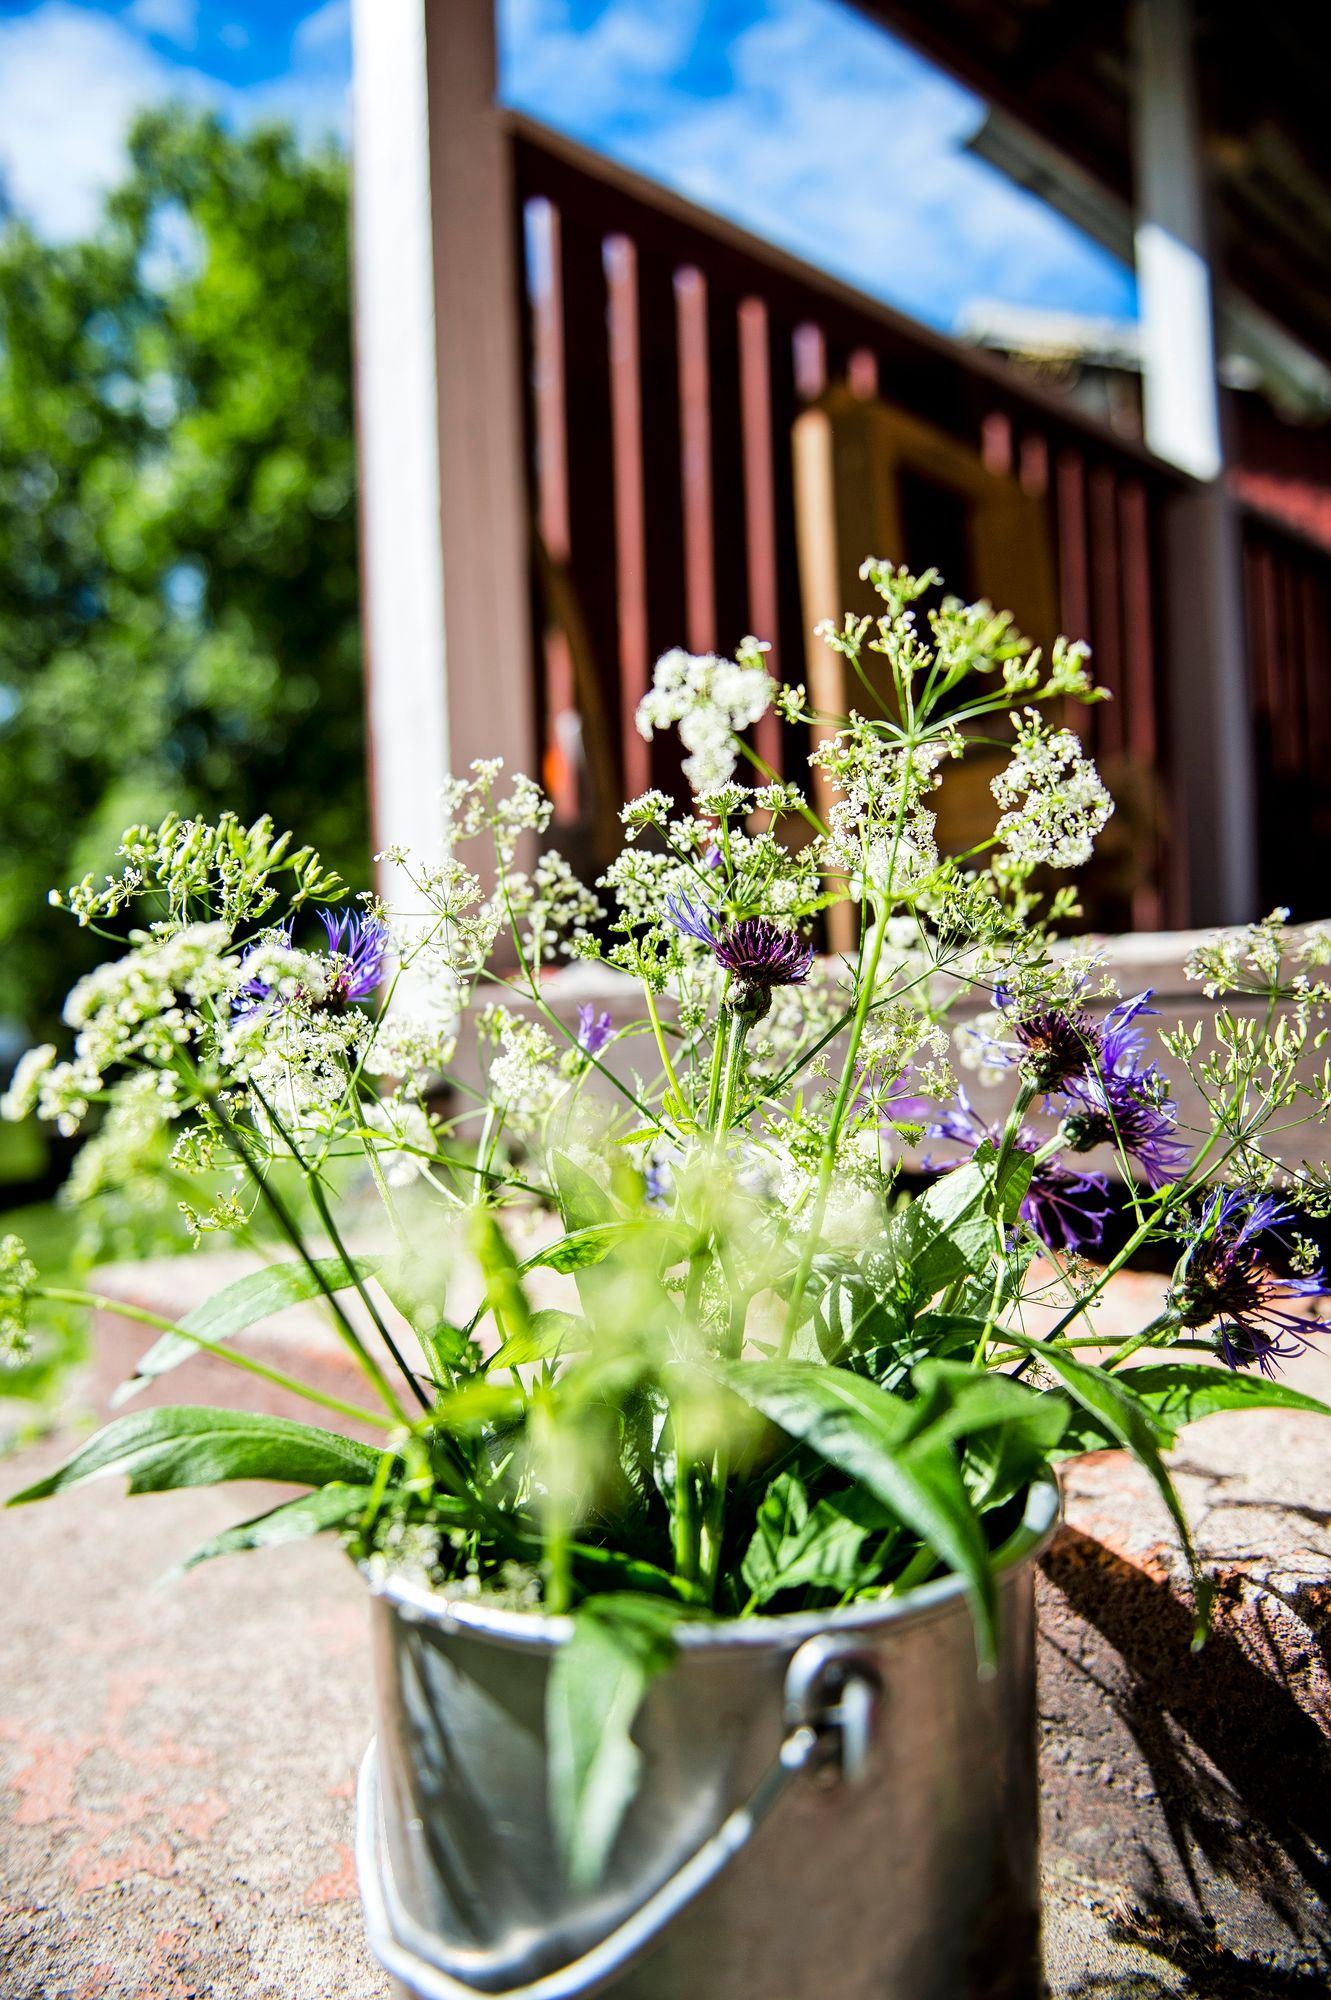 Luonnonkukat sopivat kesäpaikan yksinkertaisen kauniiseen henkeen. © © Ari Heinonen/Otavamedia